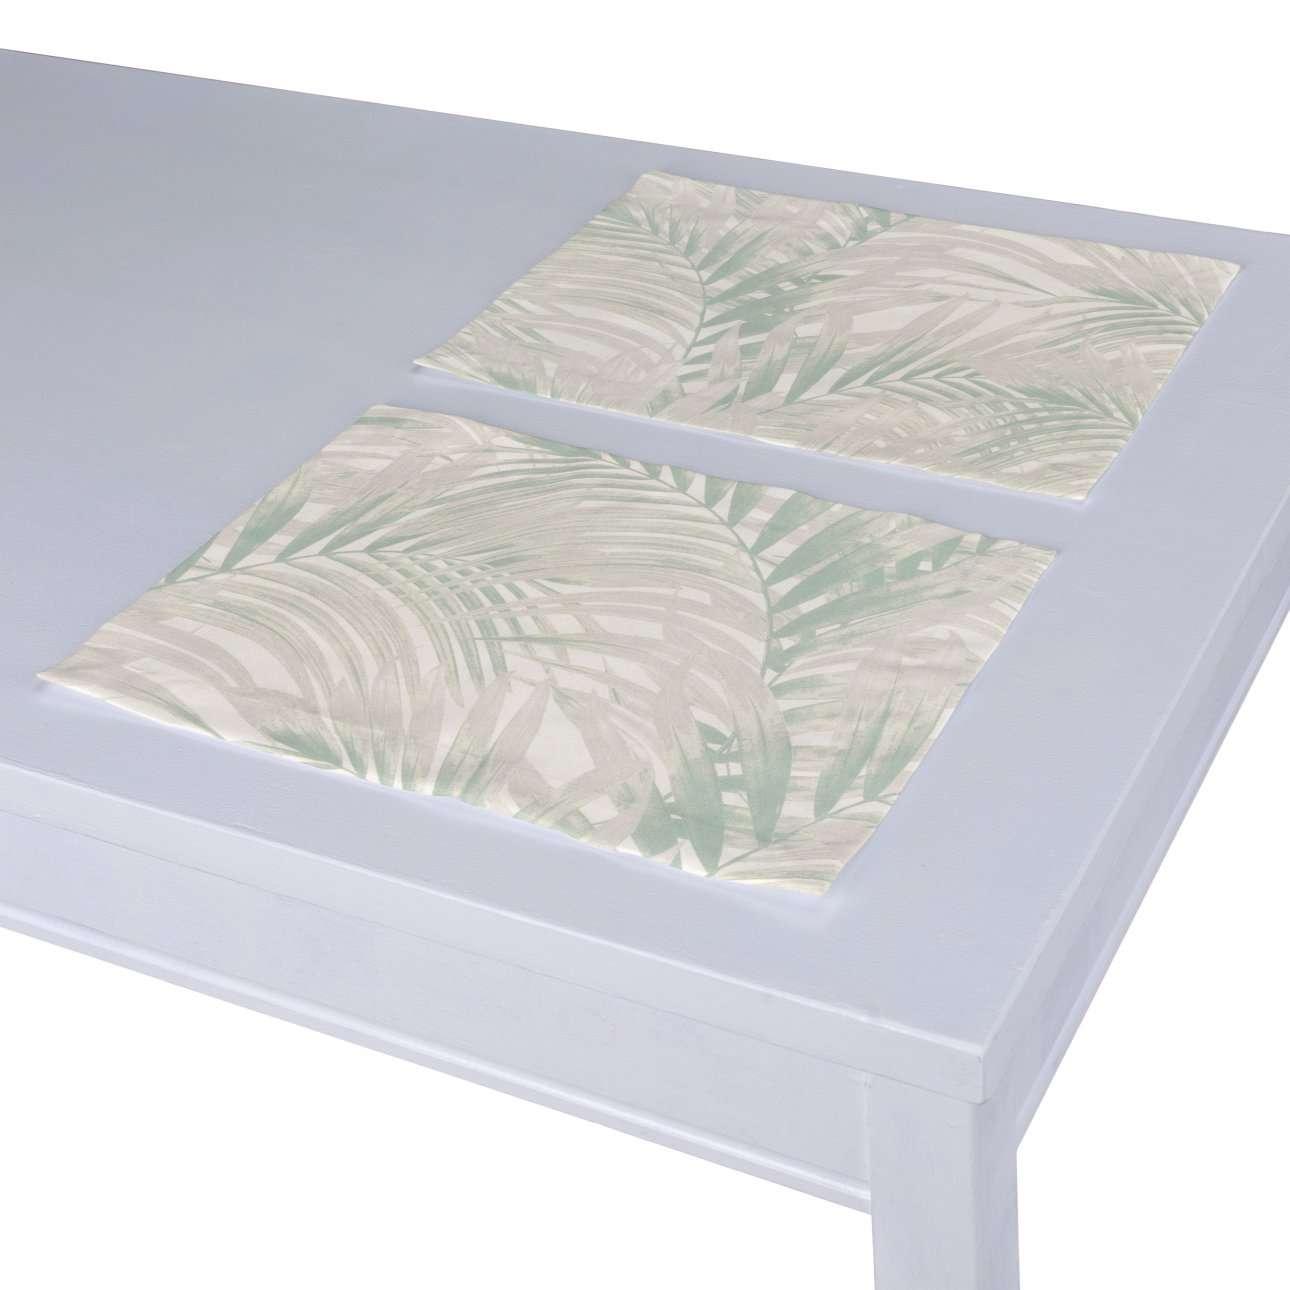 Tischset 2 Stck., weiß-grün, 30 × 40 cm, Gardenia | Heimtextilien > Tischdecken und Co > Tisch-Sets | Dekoria